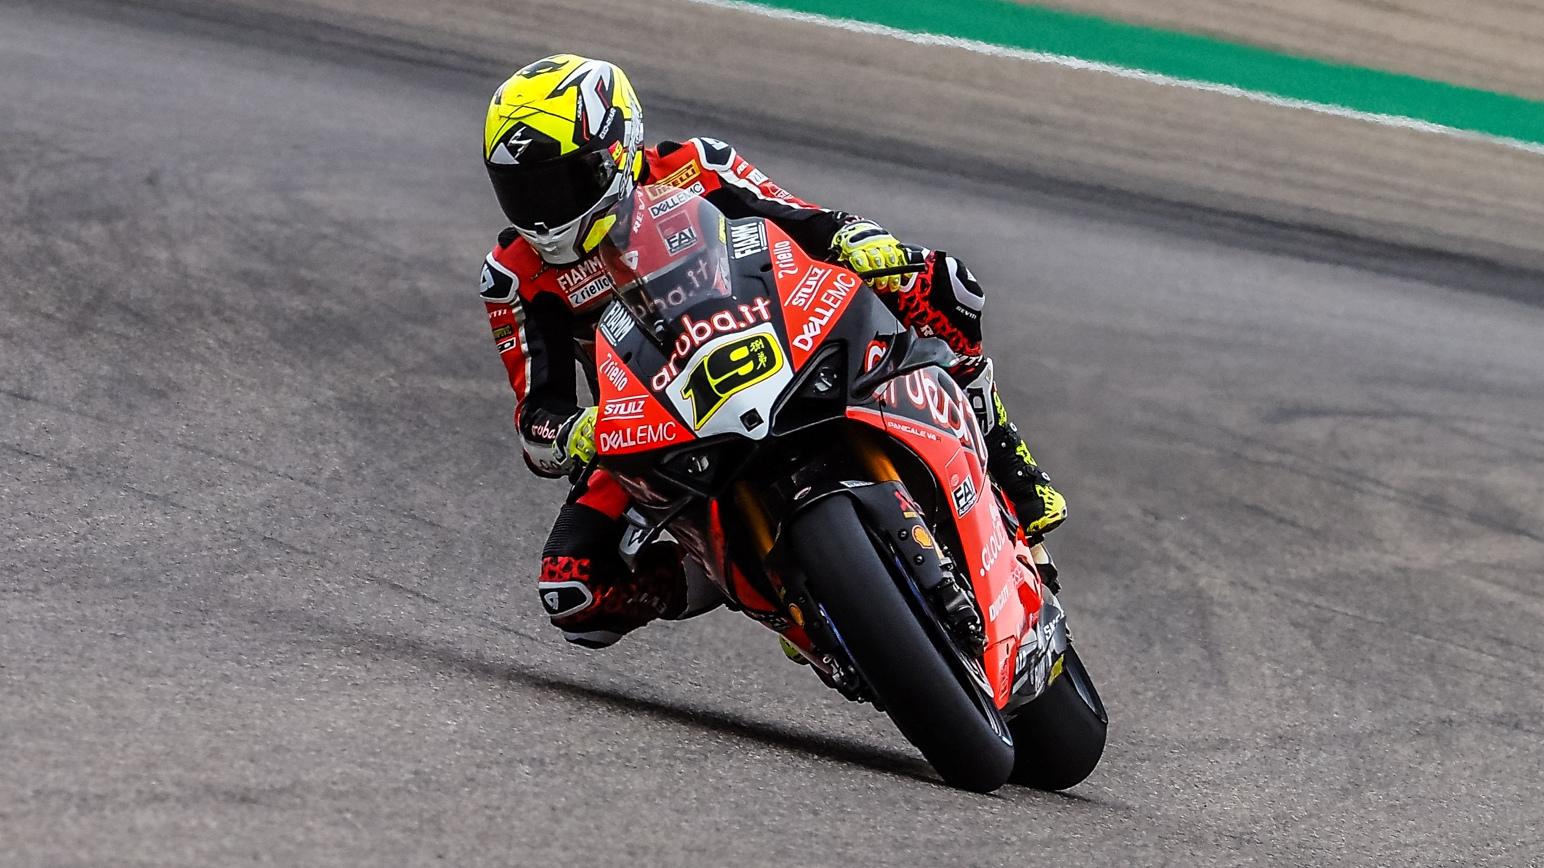 Álvaro Bautista domina los libres de Motorland con medio segundo de ventaja